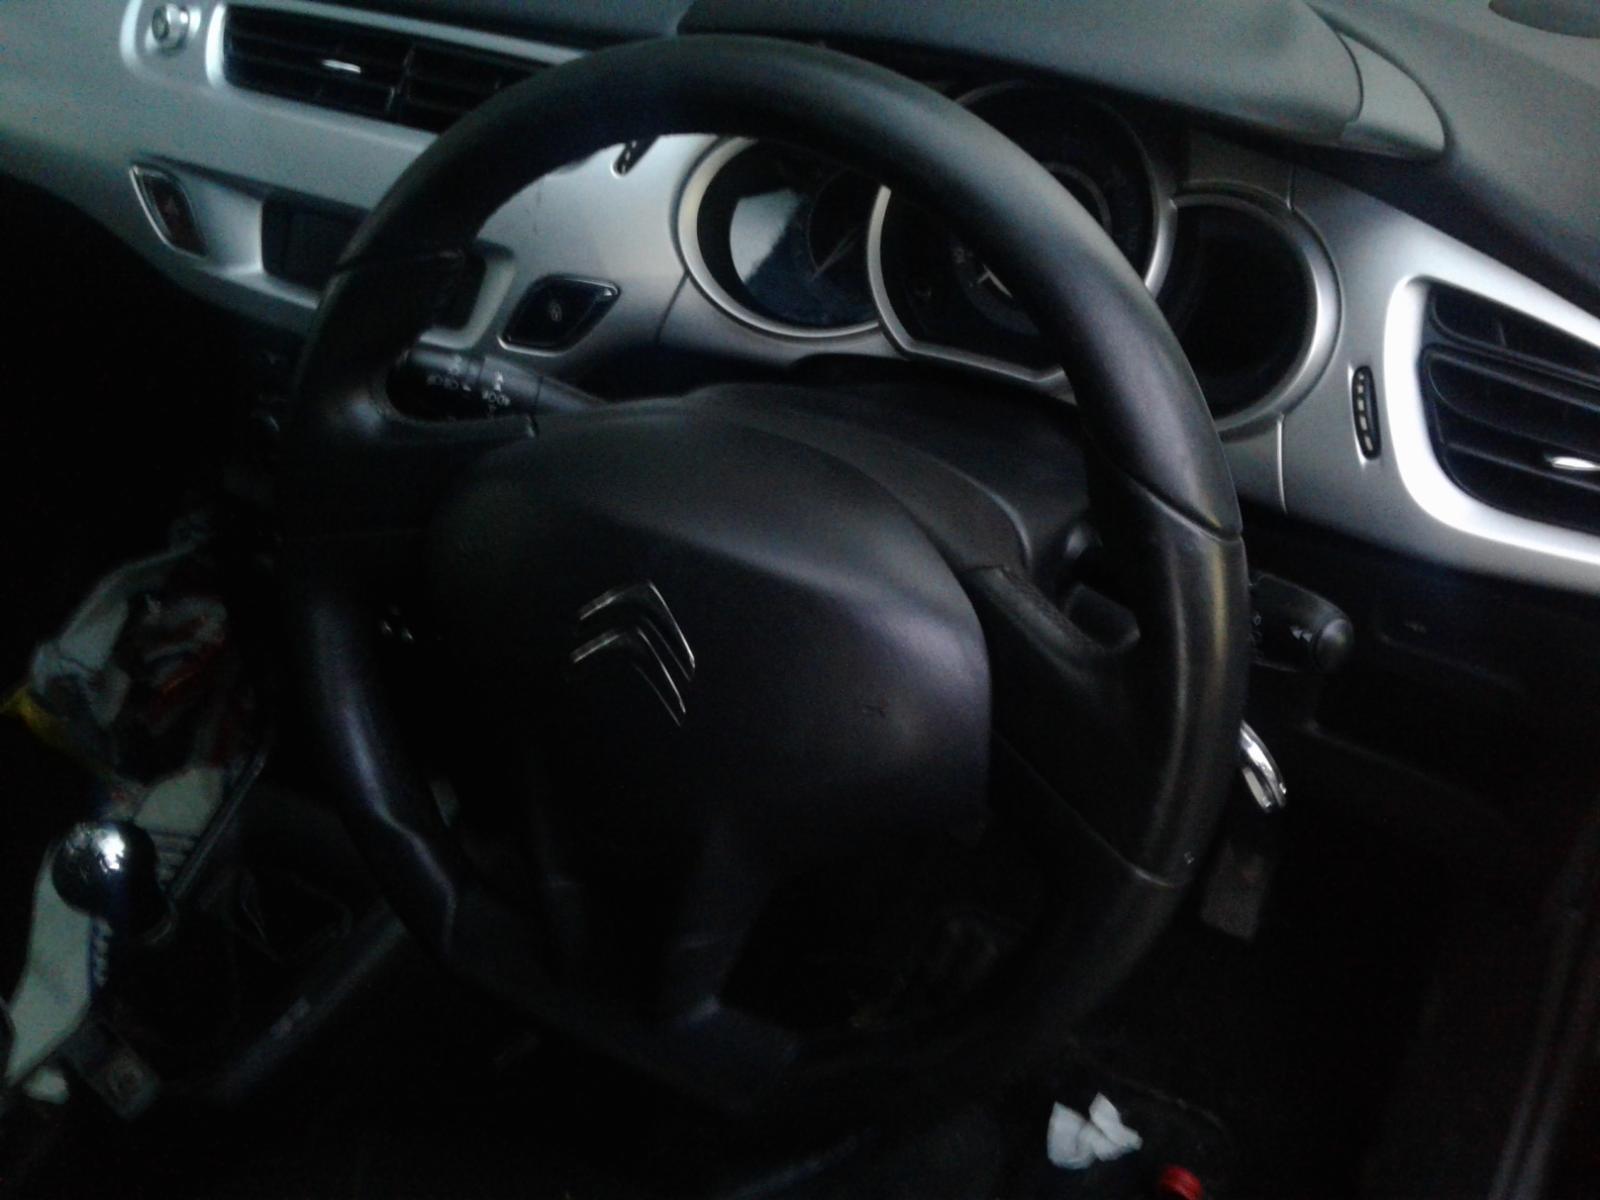 View Auto part CITROEN C3 2010 5 Door Hatchback